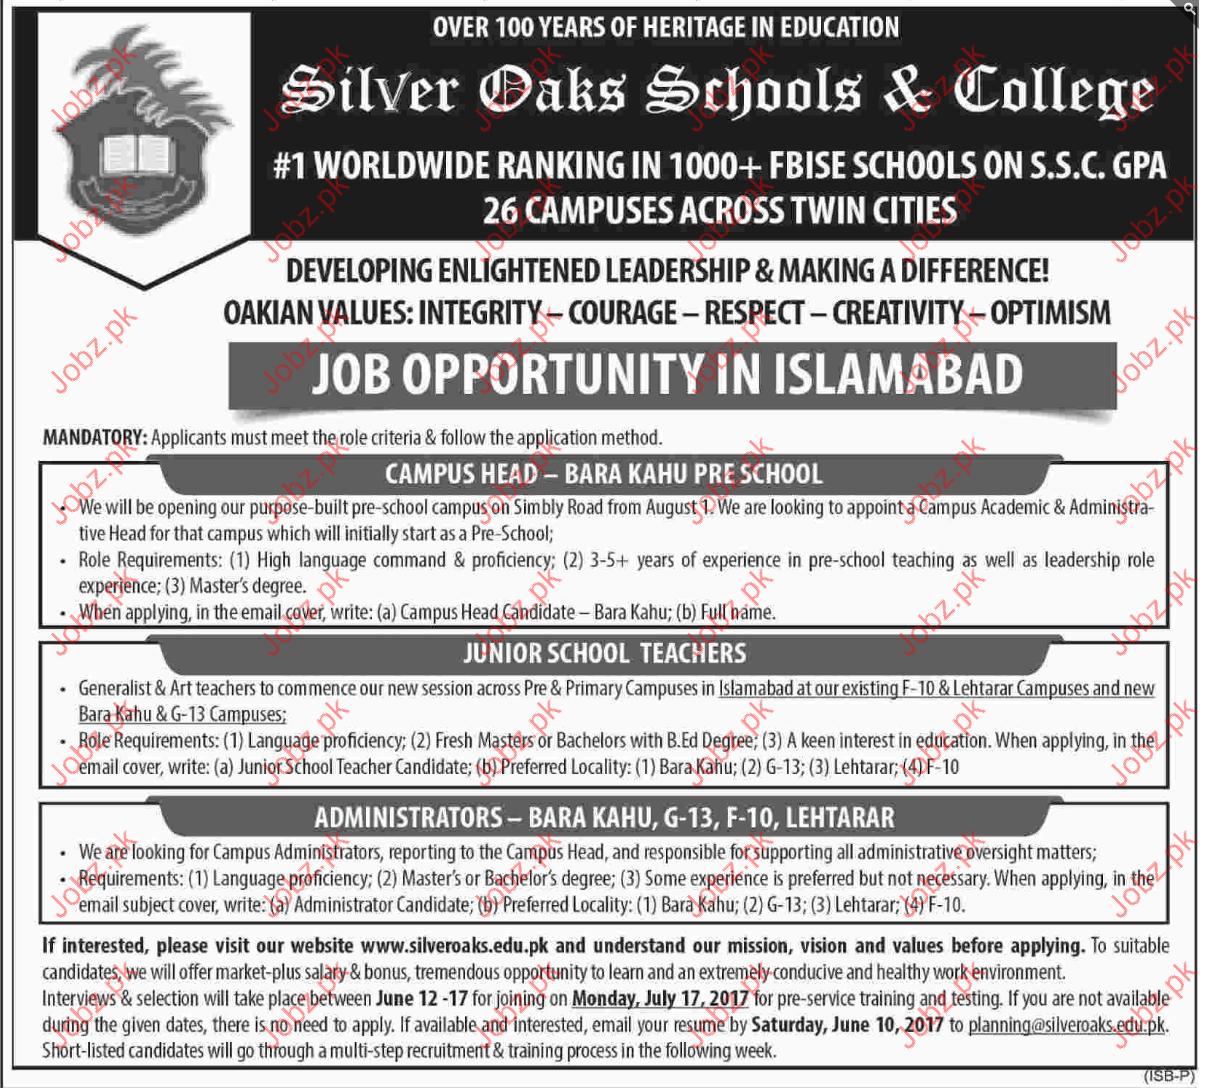 Administrator & Teachers Jobs In Silver Oaks School& College